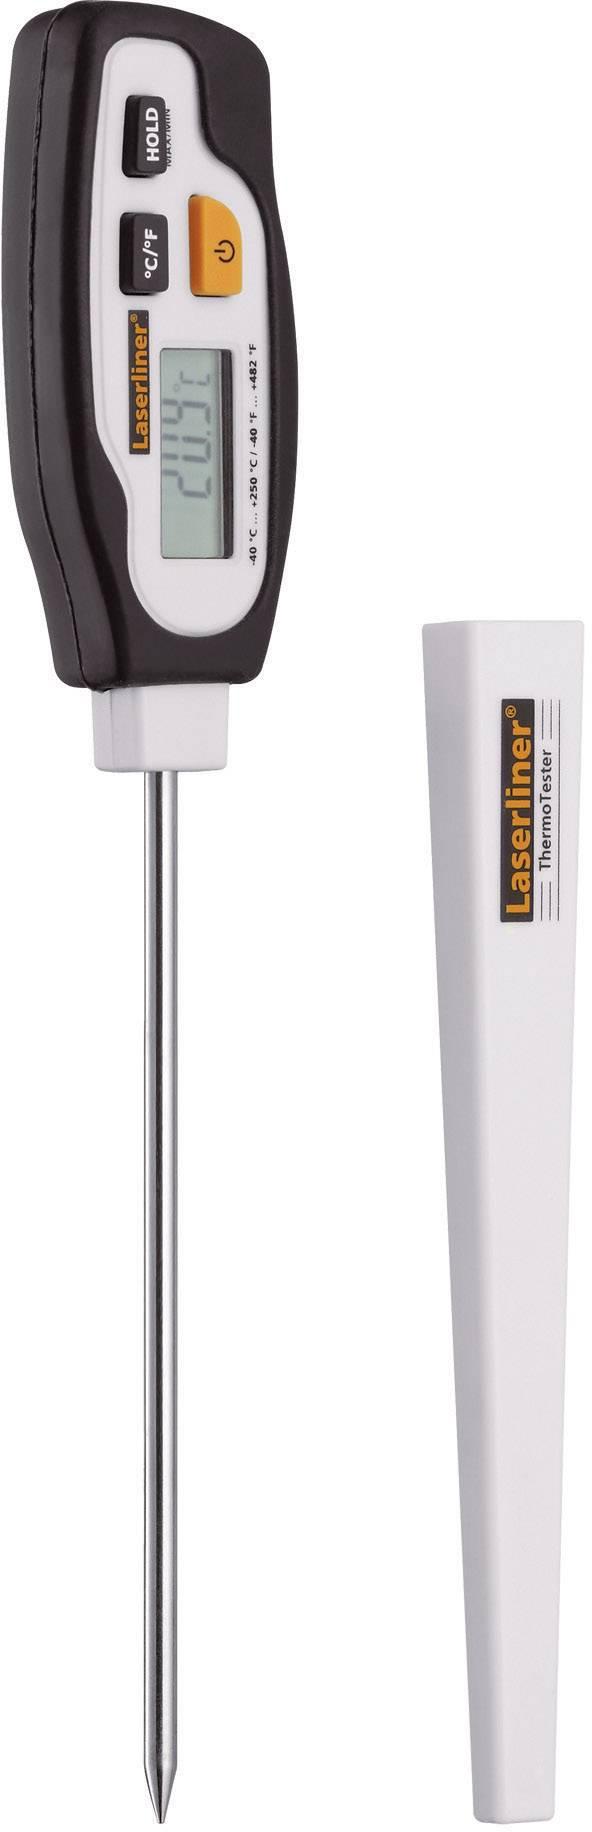 Vpichovací teploměr Laserliner ThermoTester, -40 až +250 °C, 082.030A